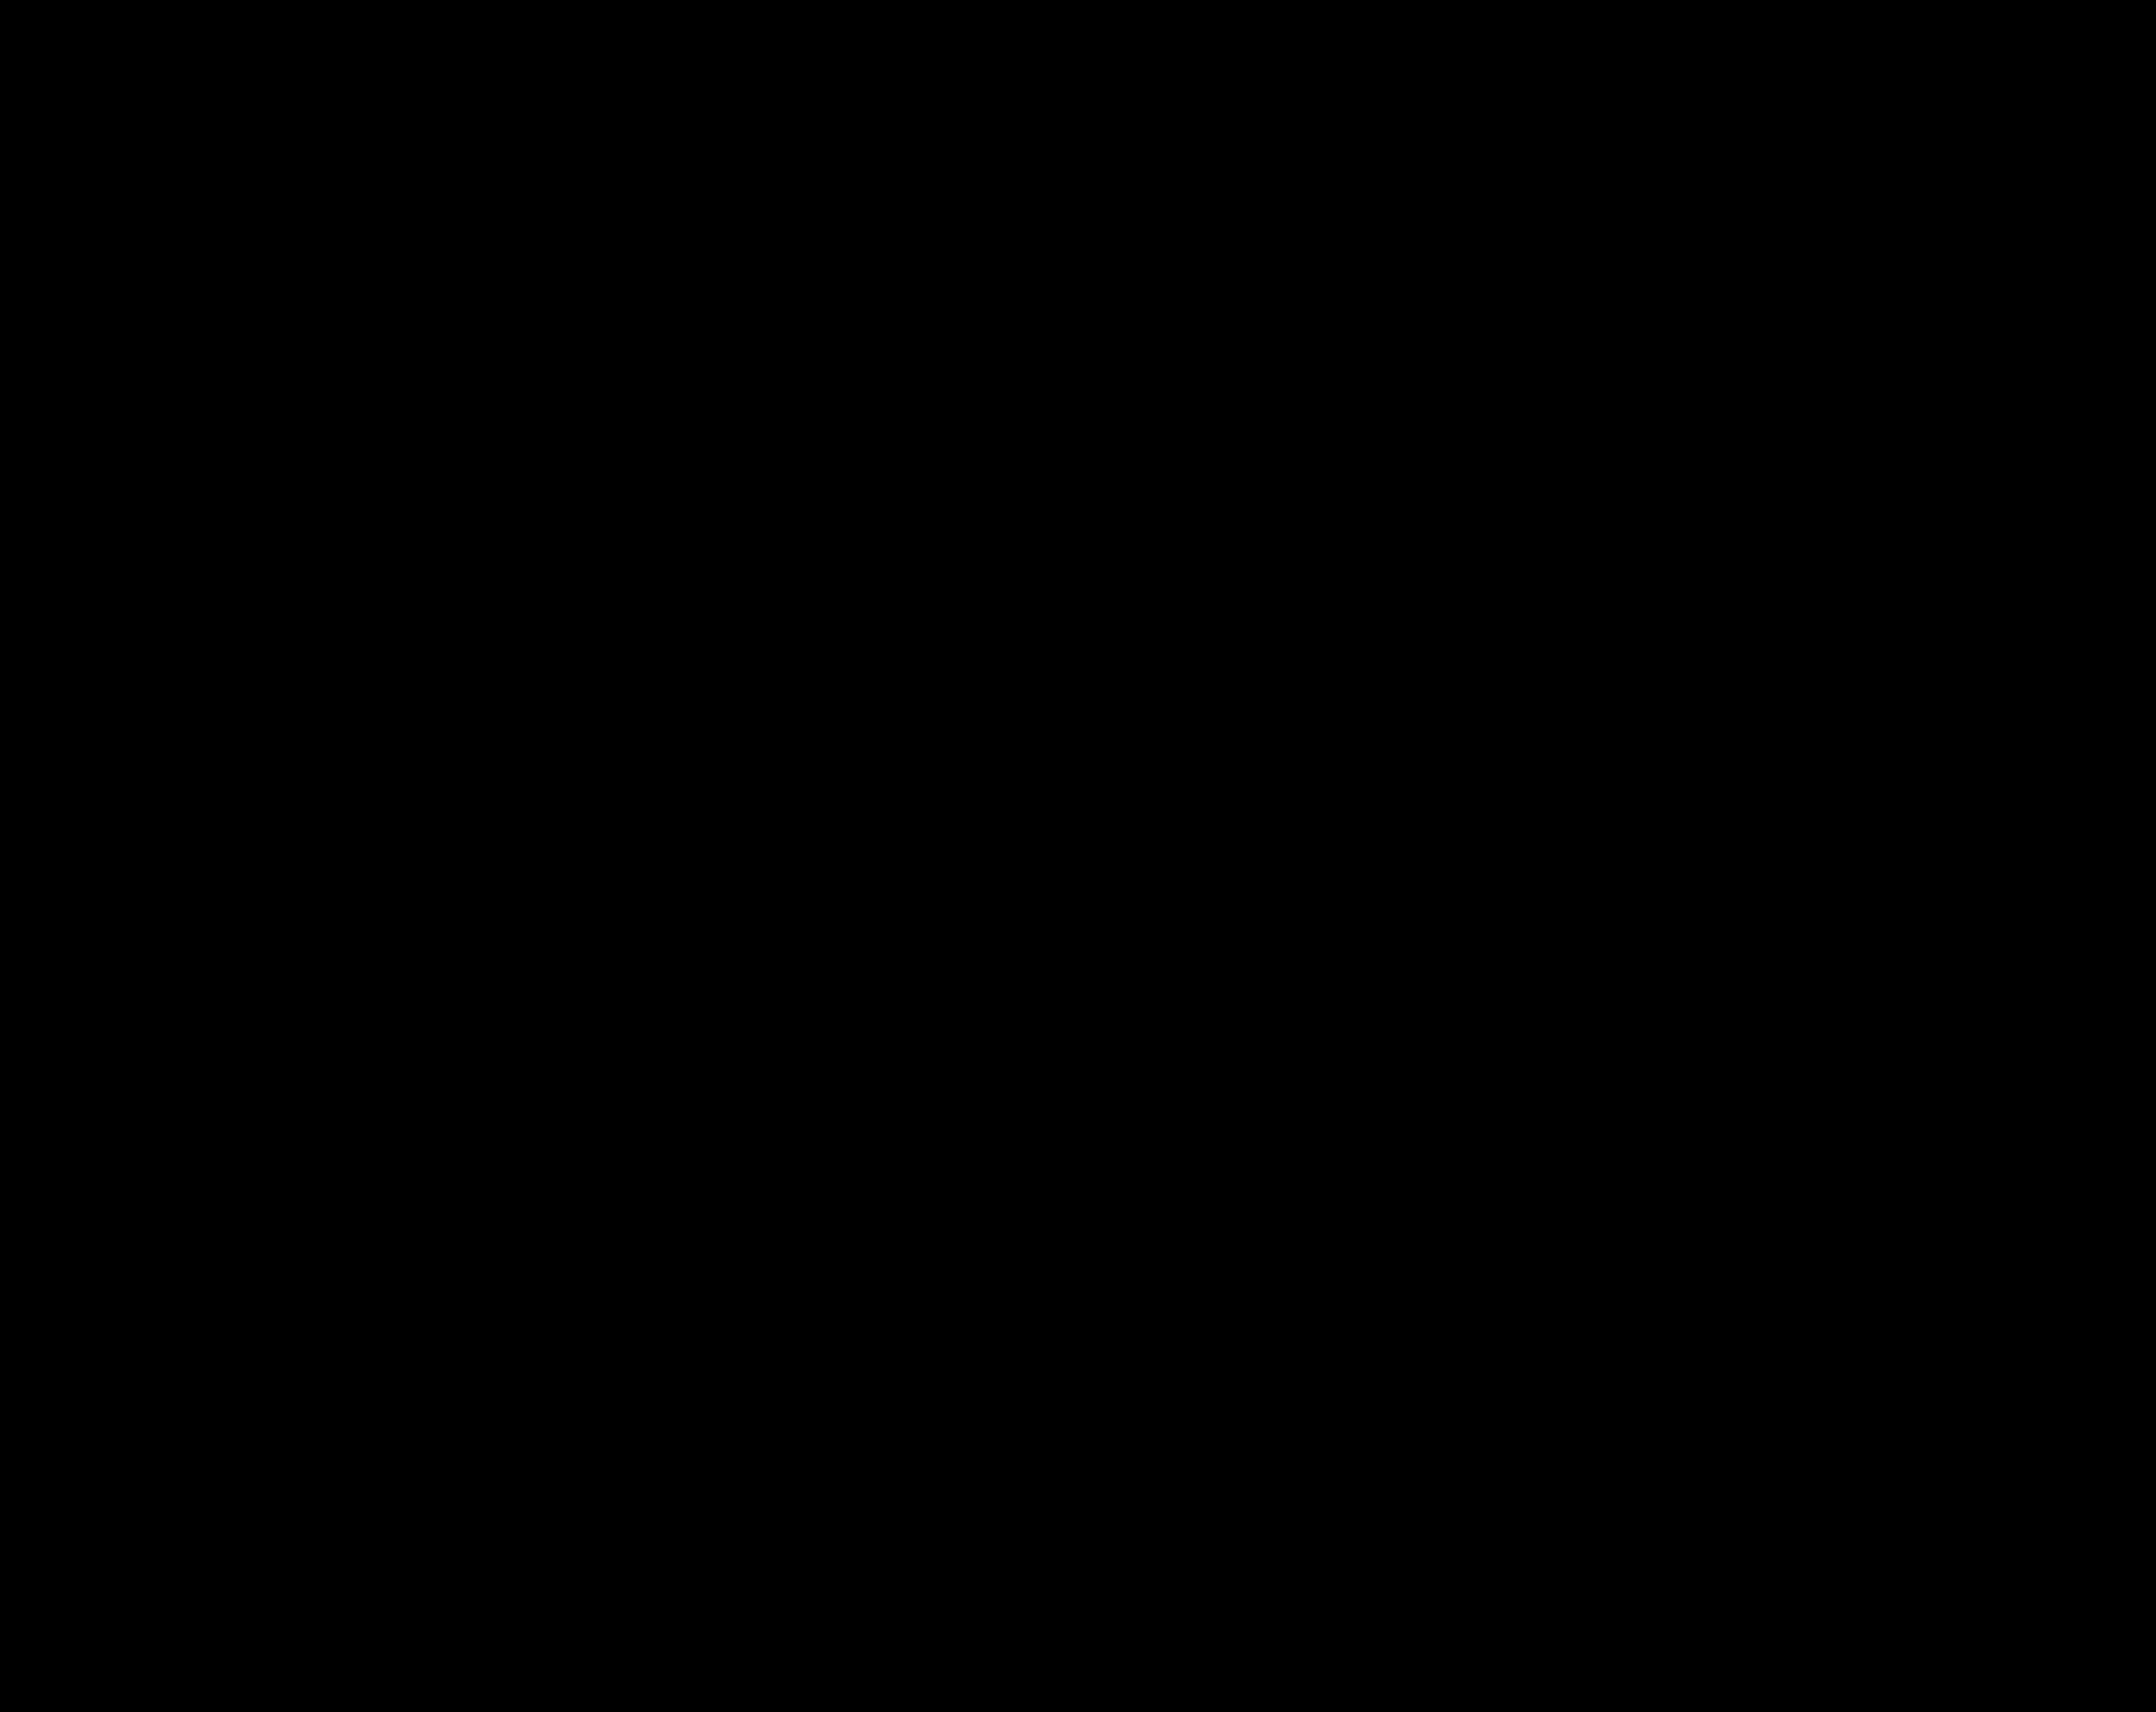 RMS Servia